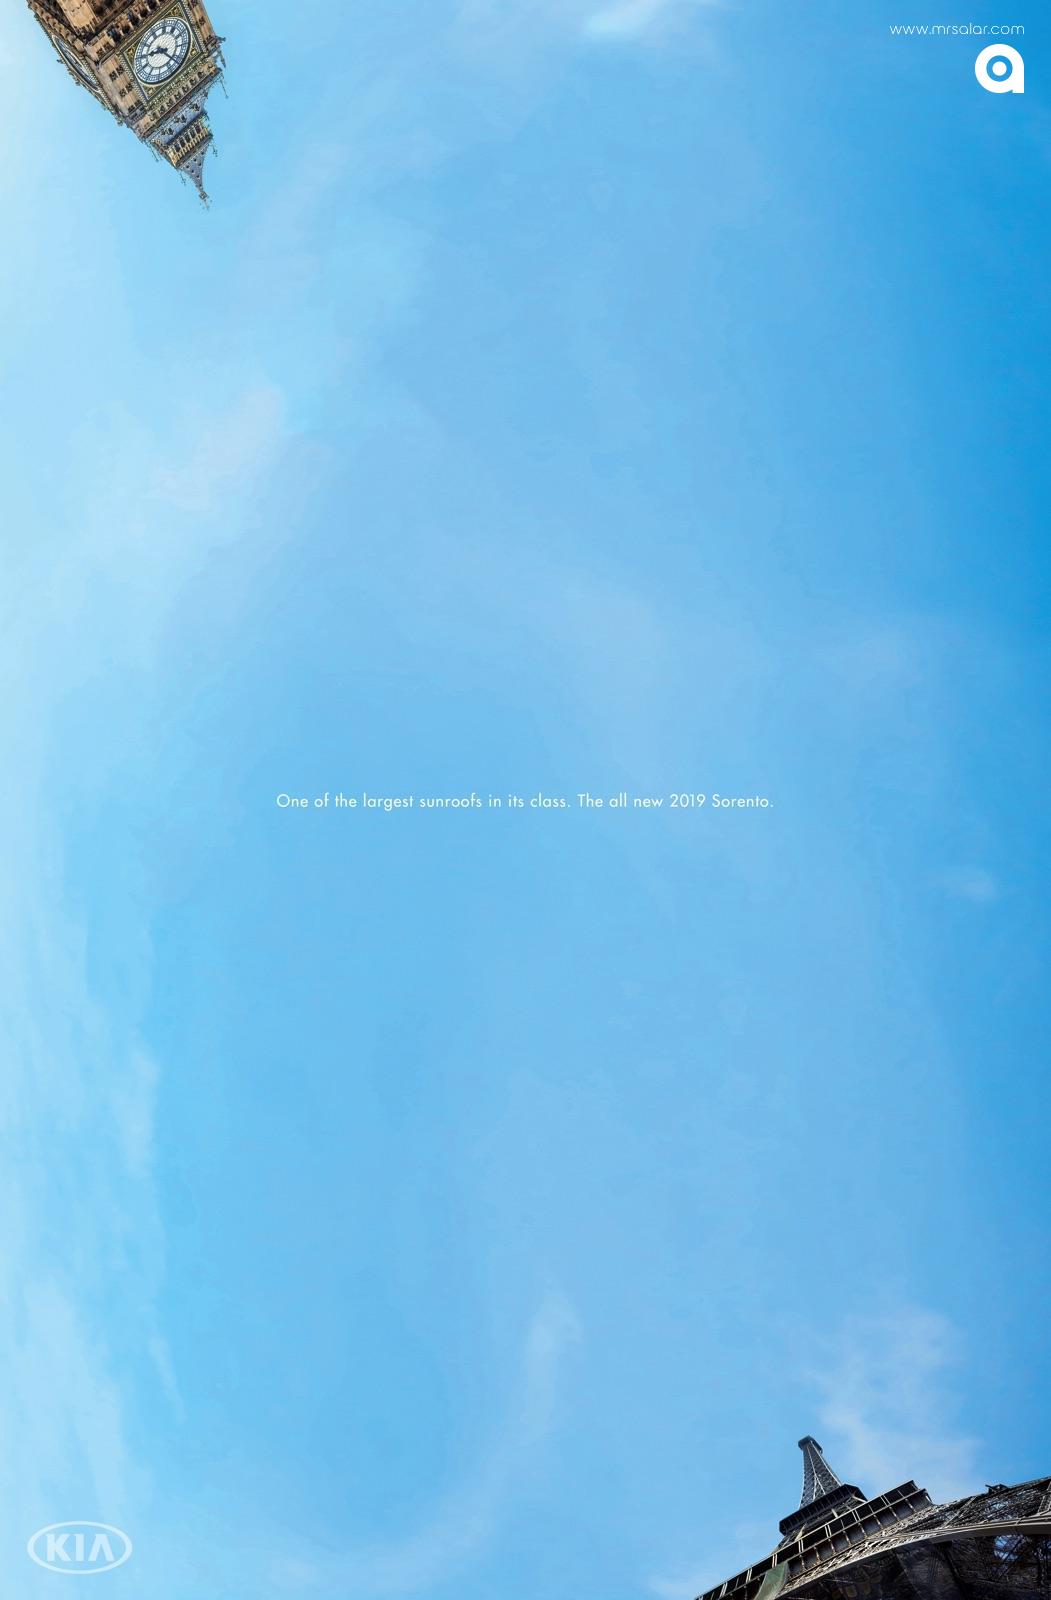 تصویر تبلیغاتی کیا: نمایی وسیعتر از دنیا ۱